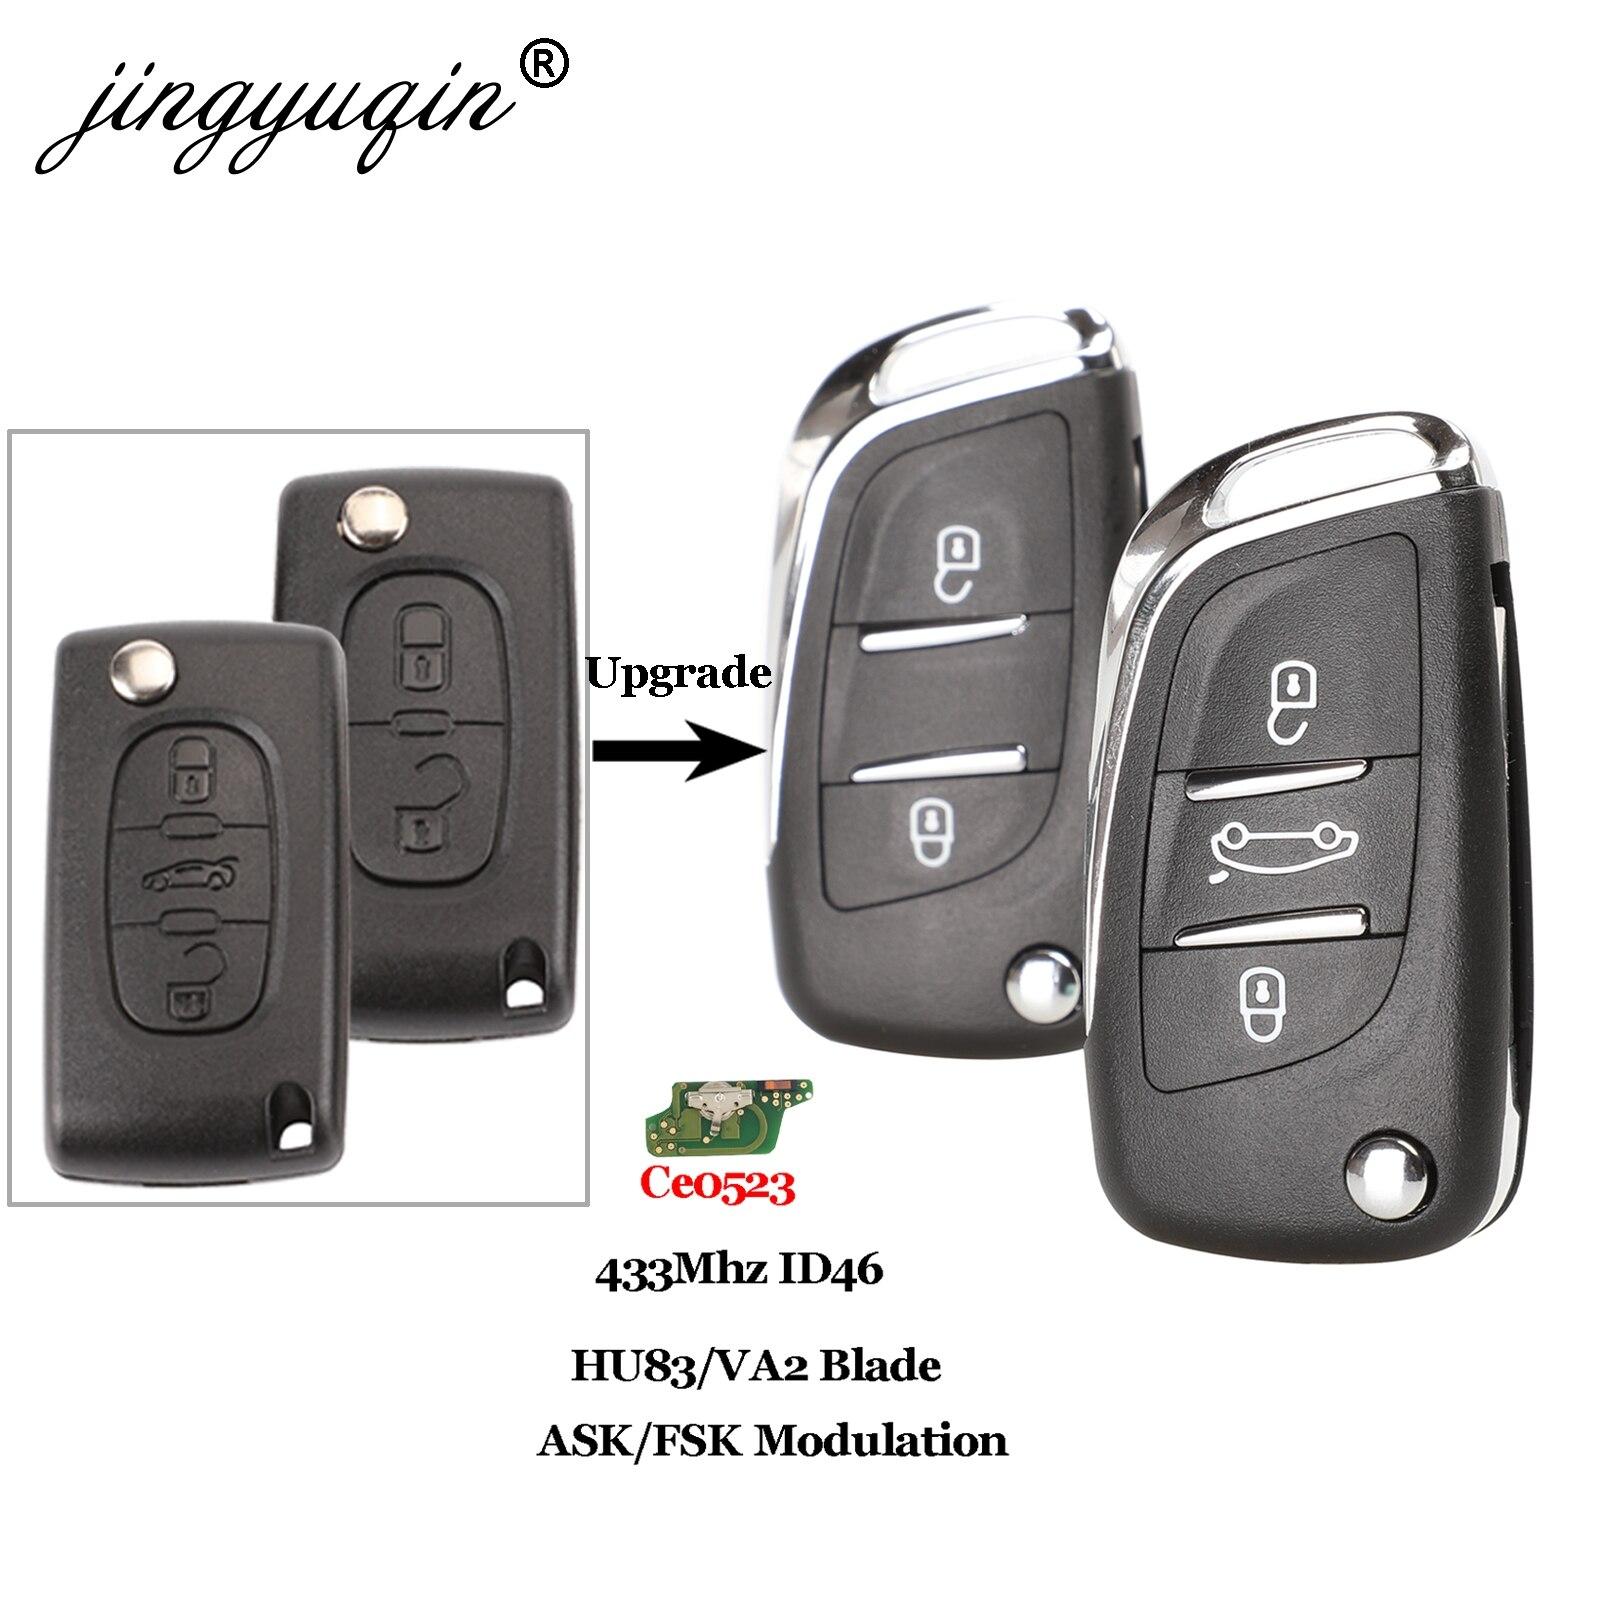 Jingyuqin Ce0523 ASK/FSK 2/3 bouton clé de voiture à distance pour Citroen C2 C3 C4 C5 433Mhz ID46 modifié rabattable clé de voiture contrôle